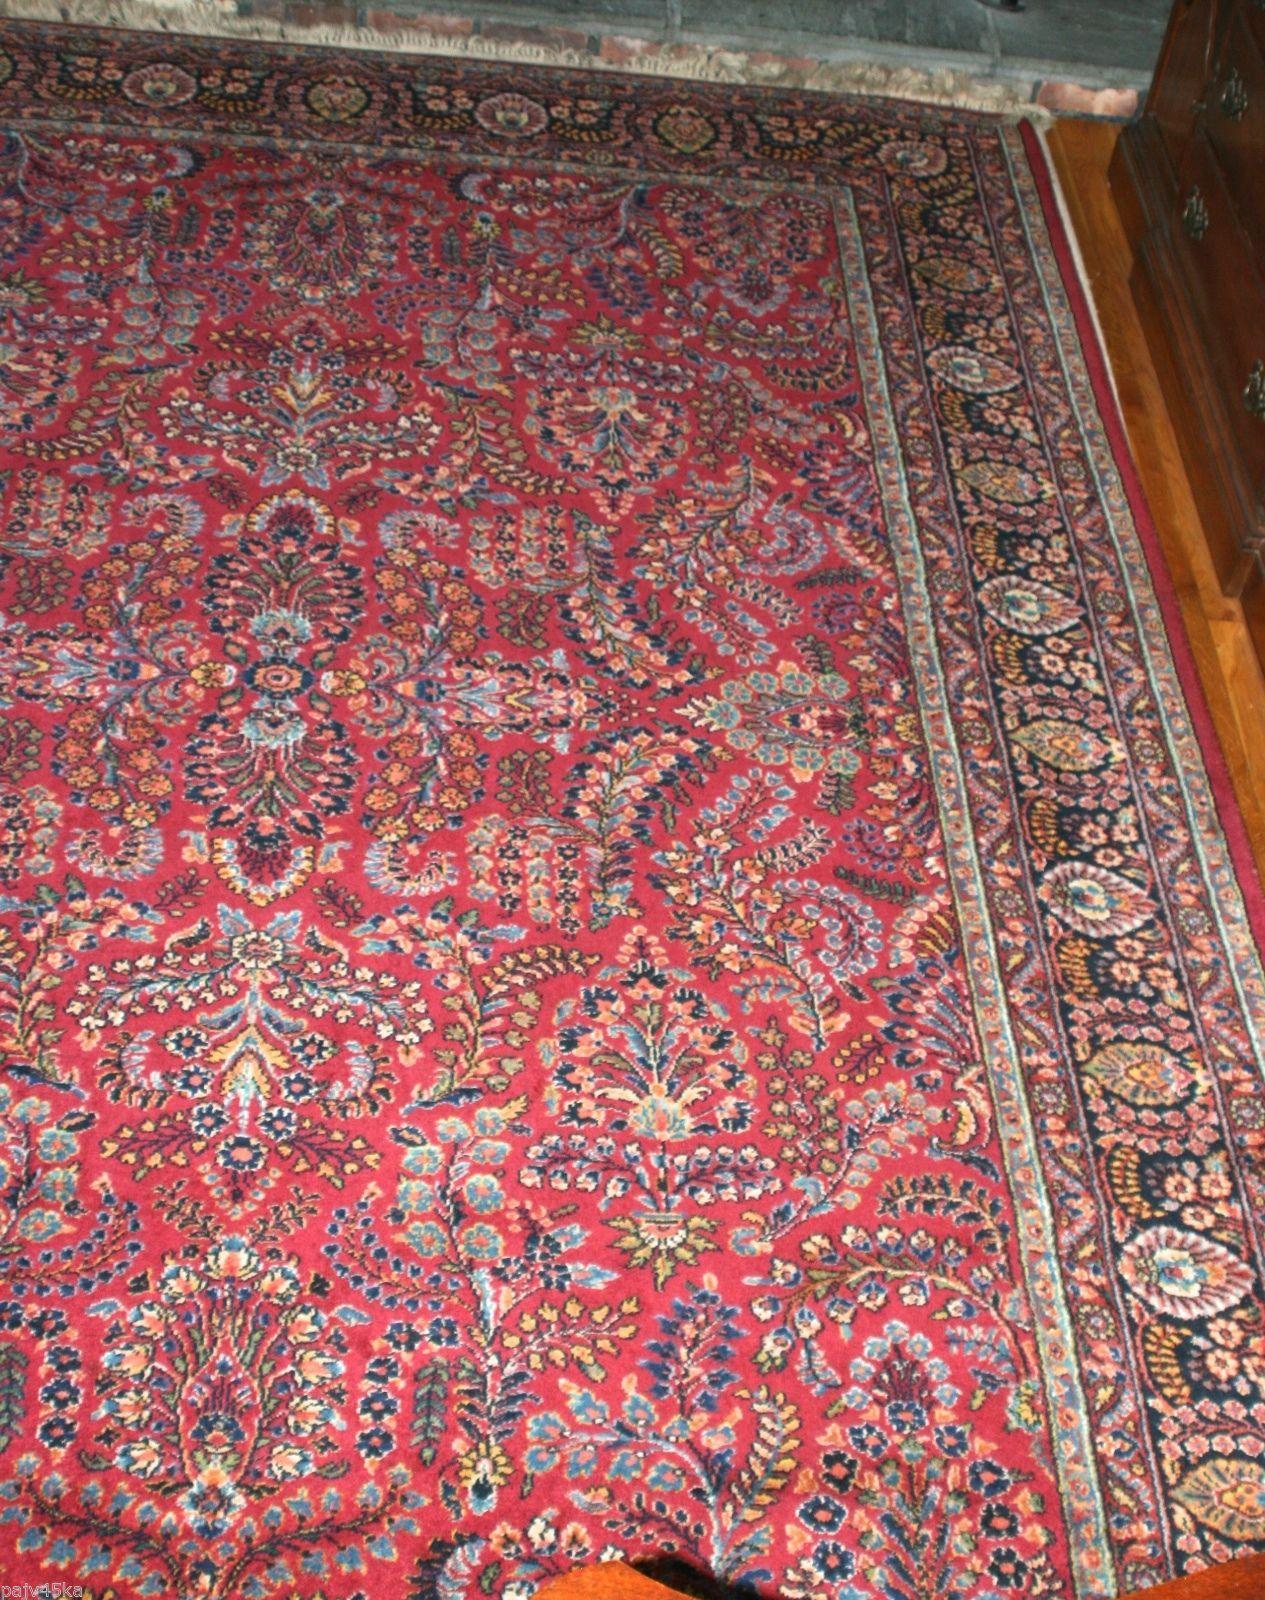 Antique Karastan Sarouk Oriental Wool Rug 9x12